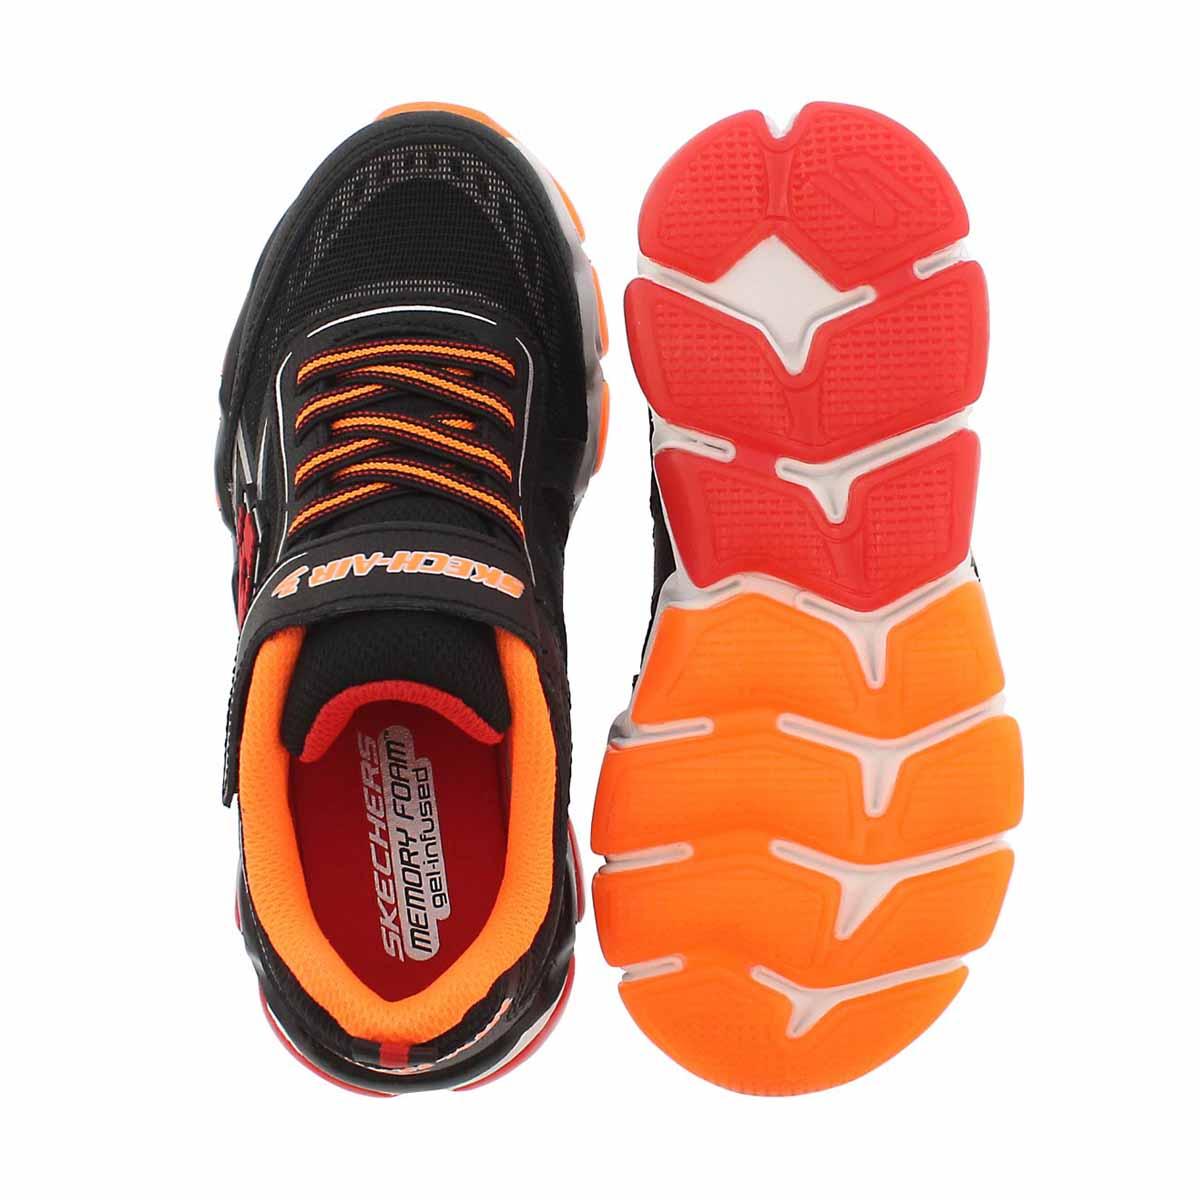 Bys Skech-Air 3.0 blk/red sneaker